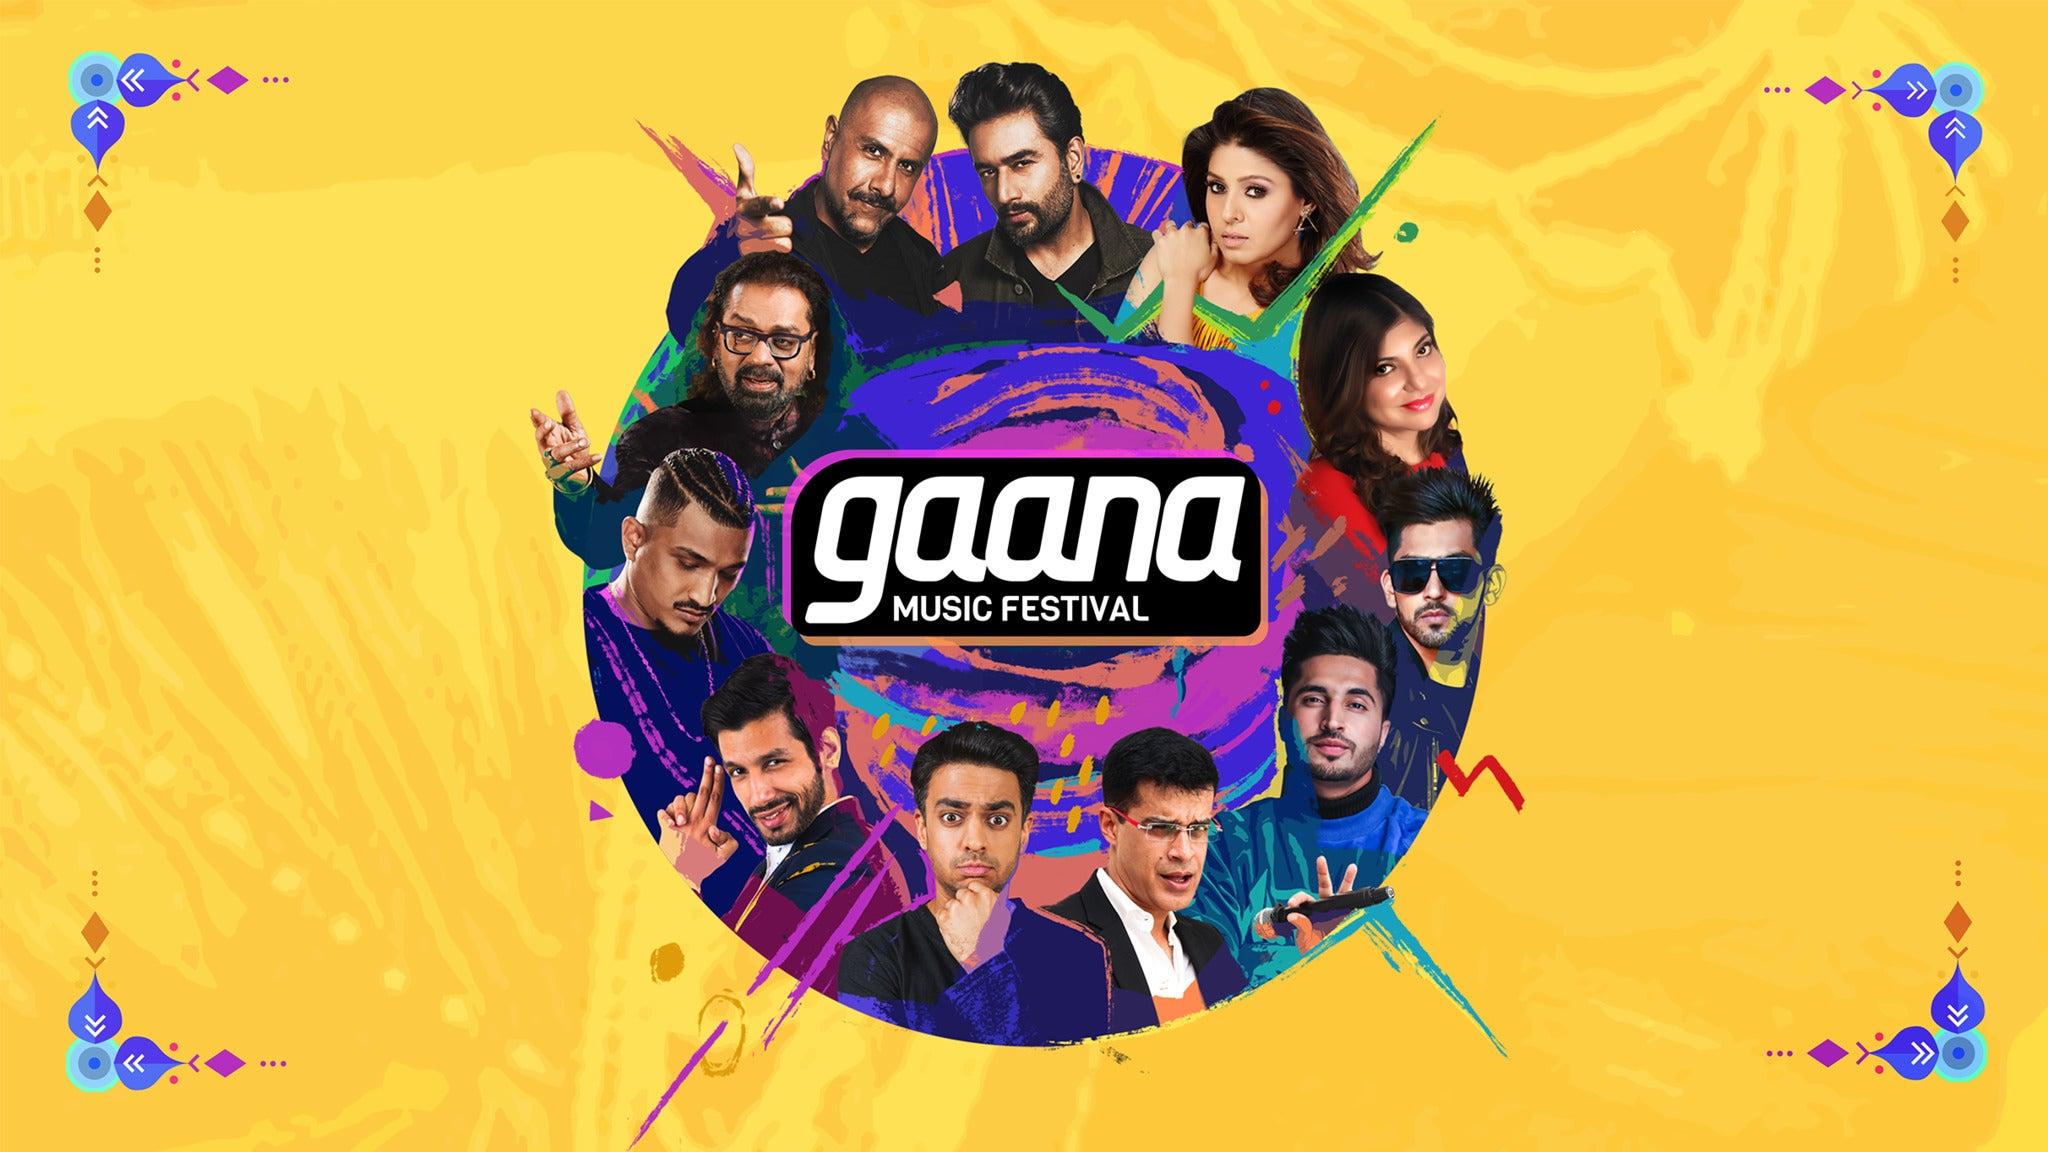 Gaana Music Festival 2019 - California